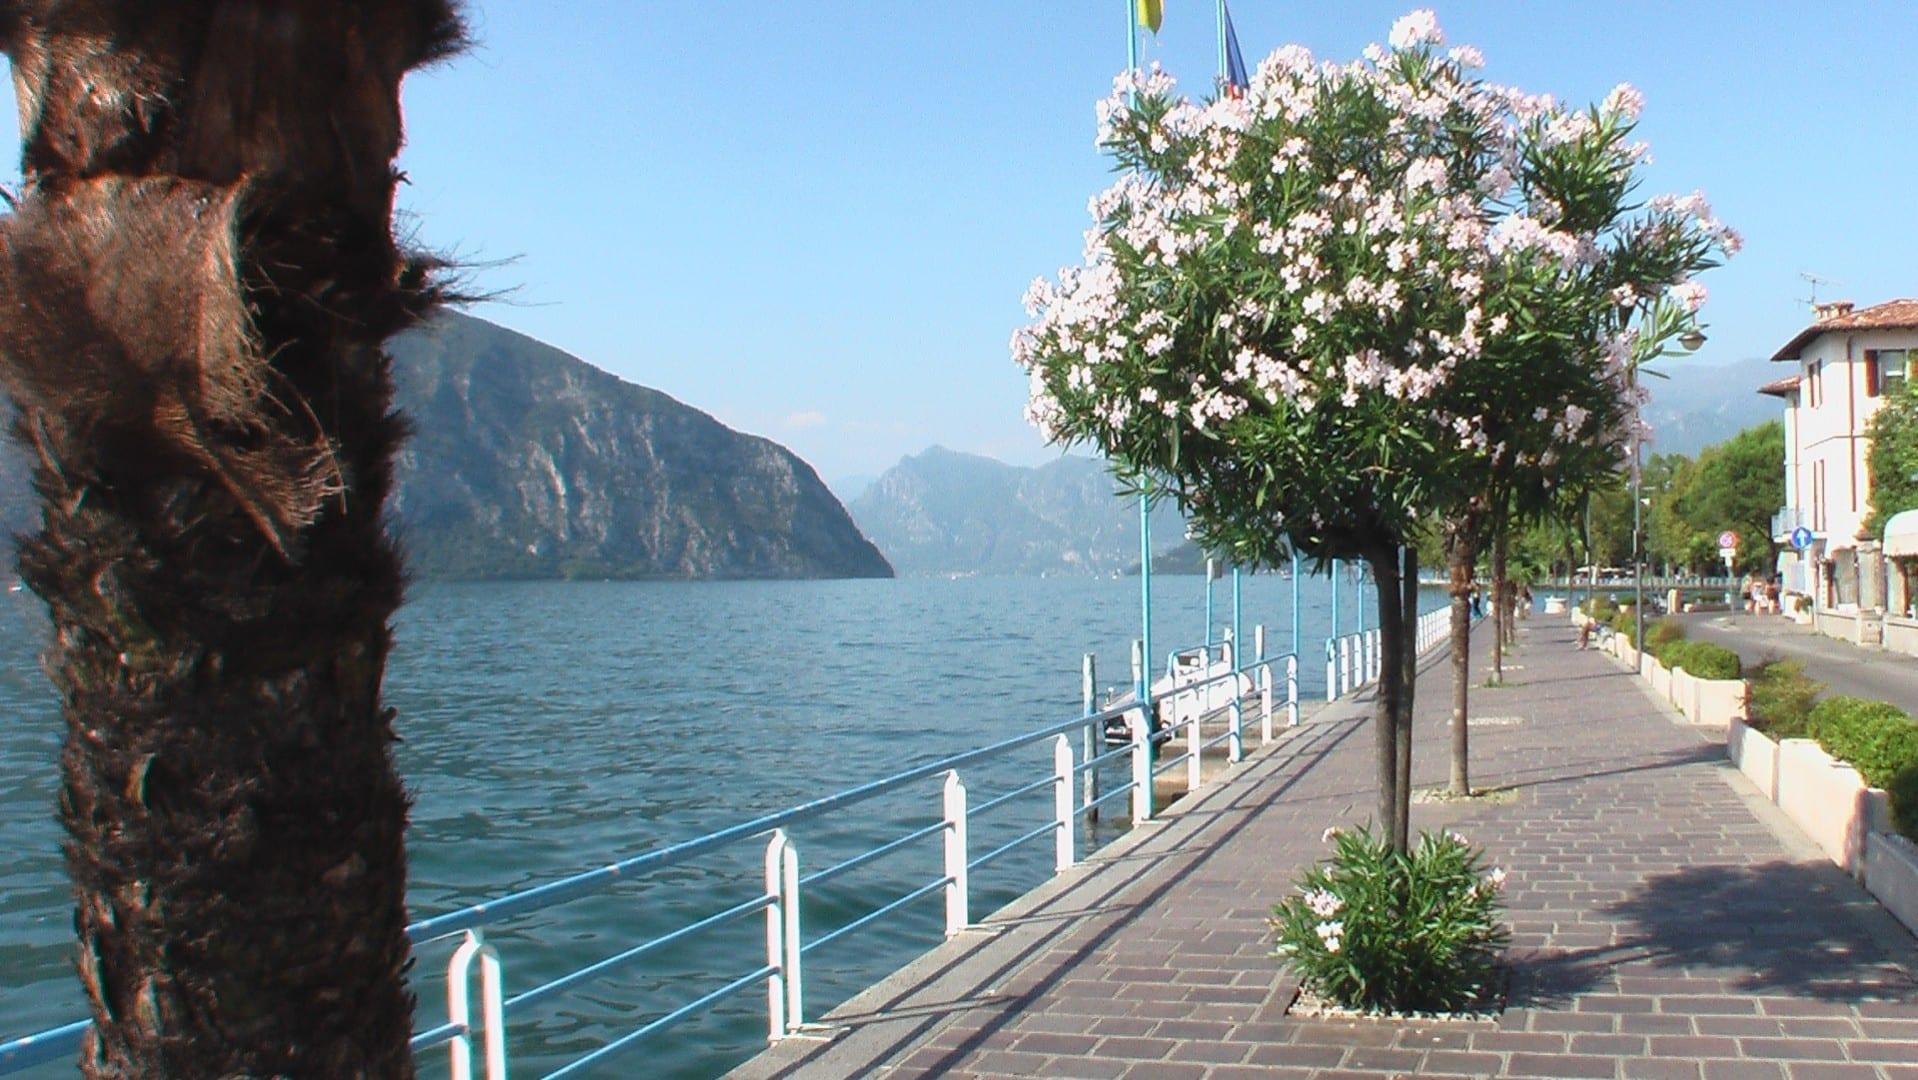 Promenade Lago Iseo Italia